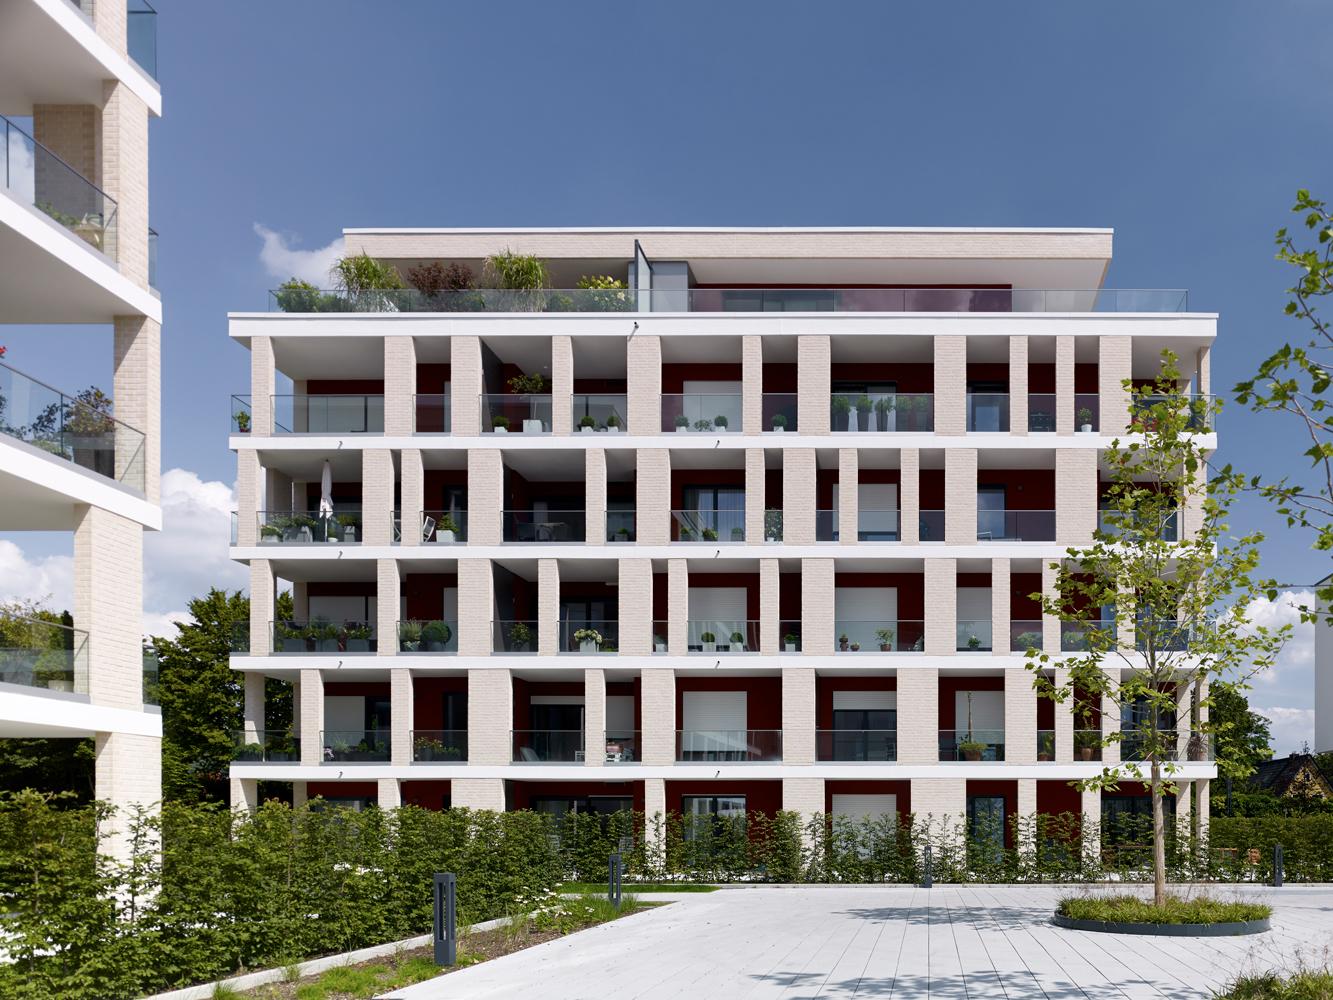 26_pandion-klostergarten_yz